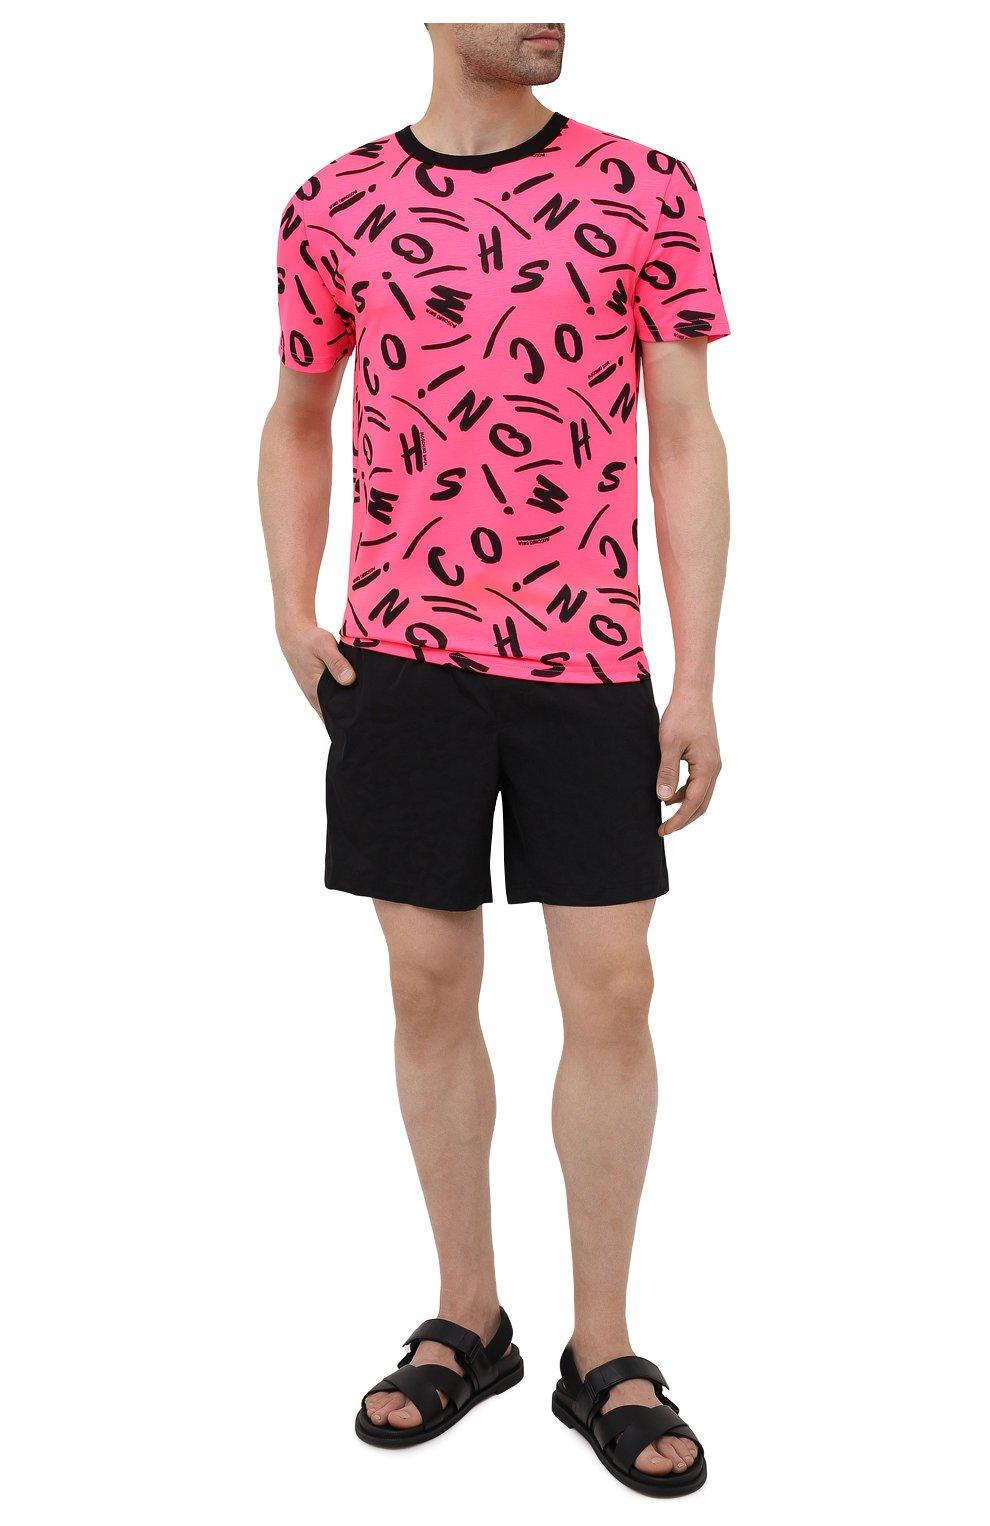 Мужская футболка MOSCHINO розового цвета, арт. A1913/2340   Фото 2 (Мужское Кросс-КТ: Футболка-пляж; Рукава: Короткие; Материал внешний: Синтетический материал; Длина (для топов): Стандартные; Принт: С принтом; Стили: Кэжуэл)